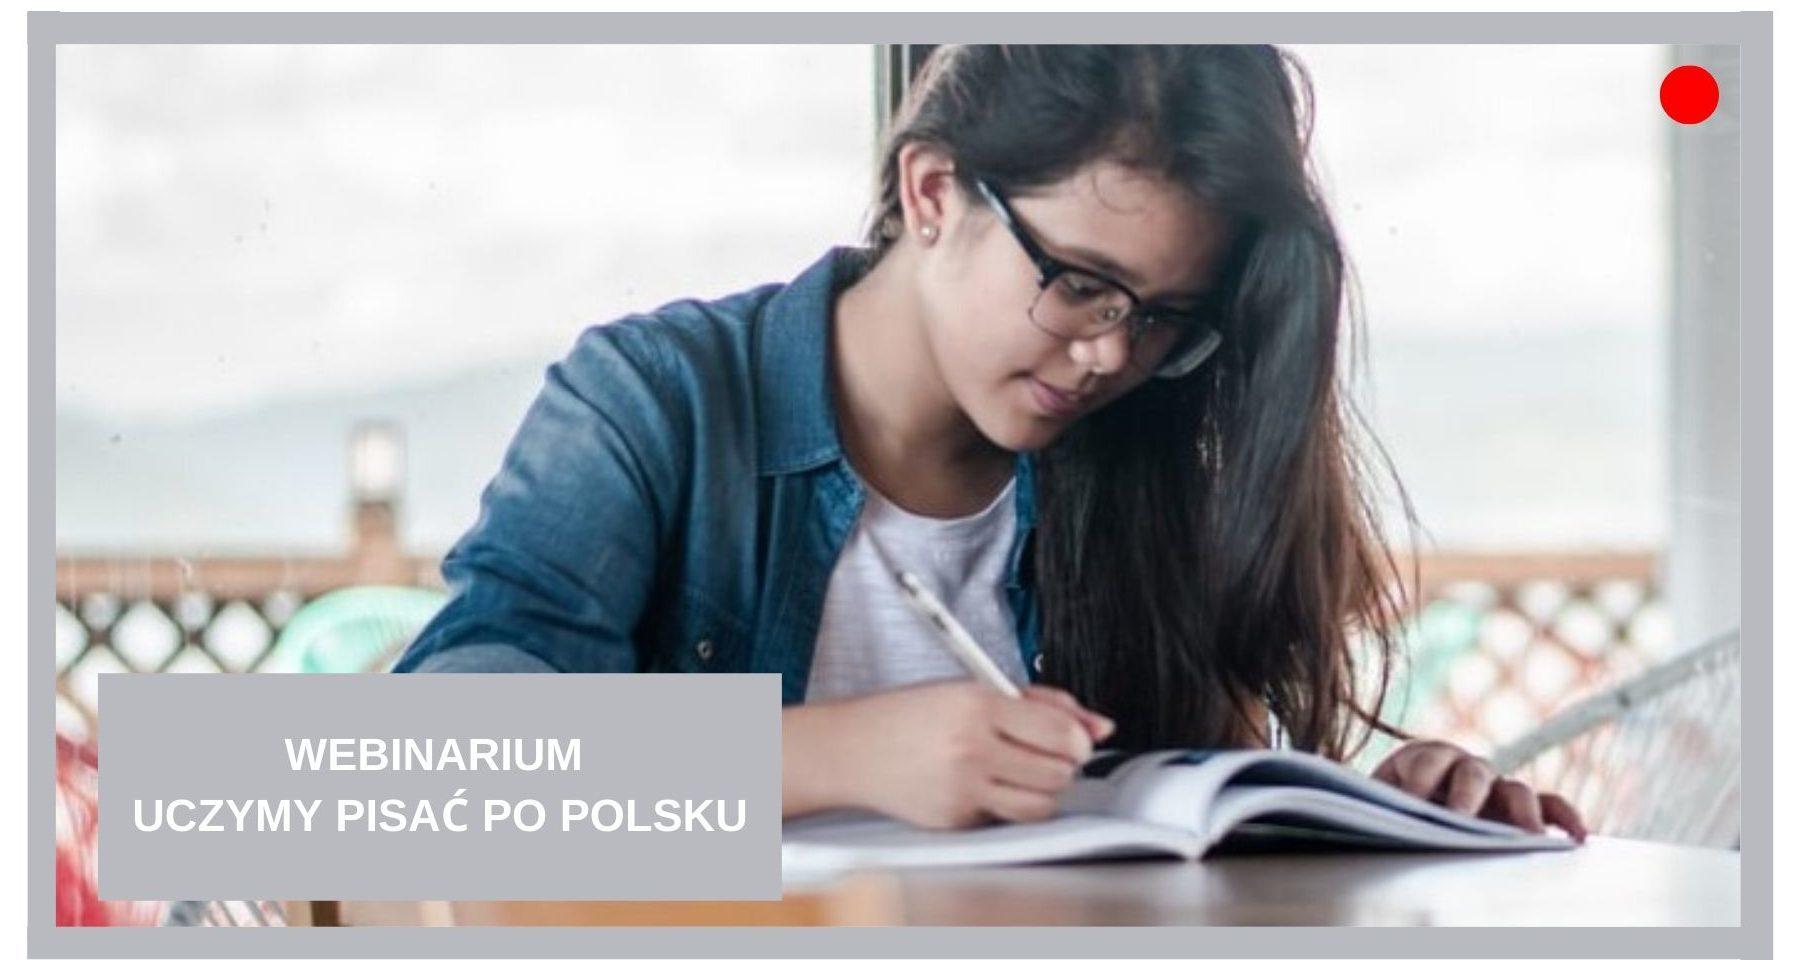 Blog Agnieszka Jasińska - Webinarium uczymy pisać po polsku